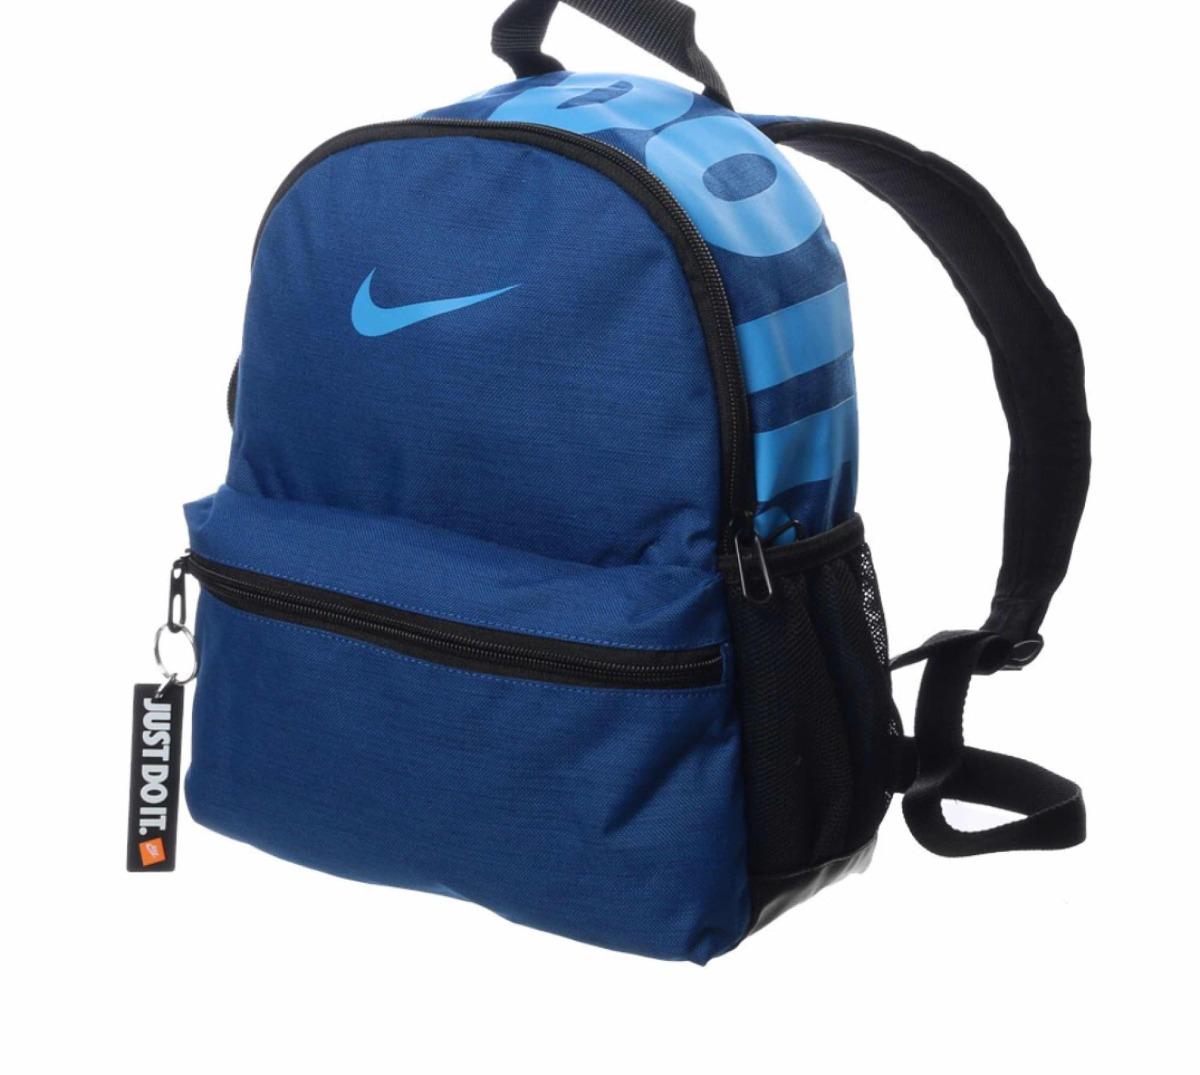 00 Libre Mini Mercado En It Do Mochila Nike Just 780 qzqUv6n